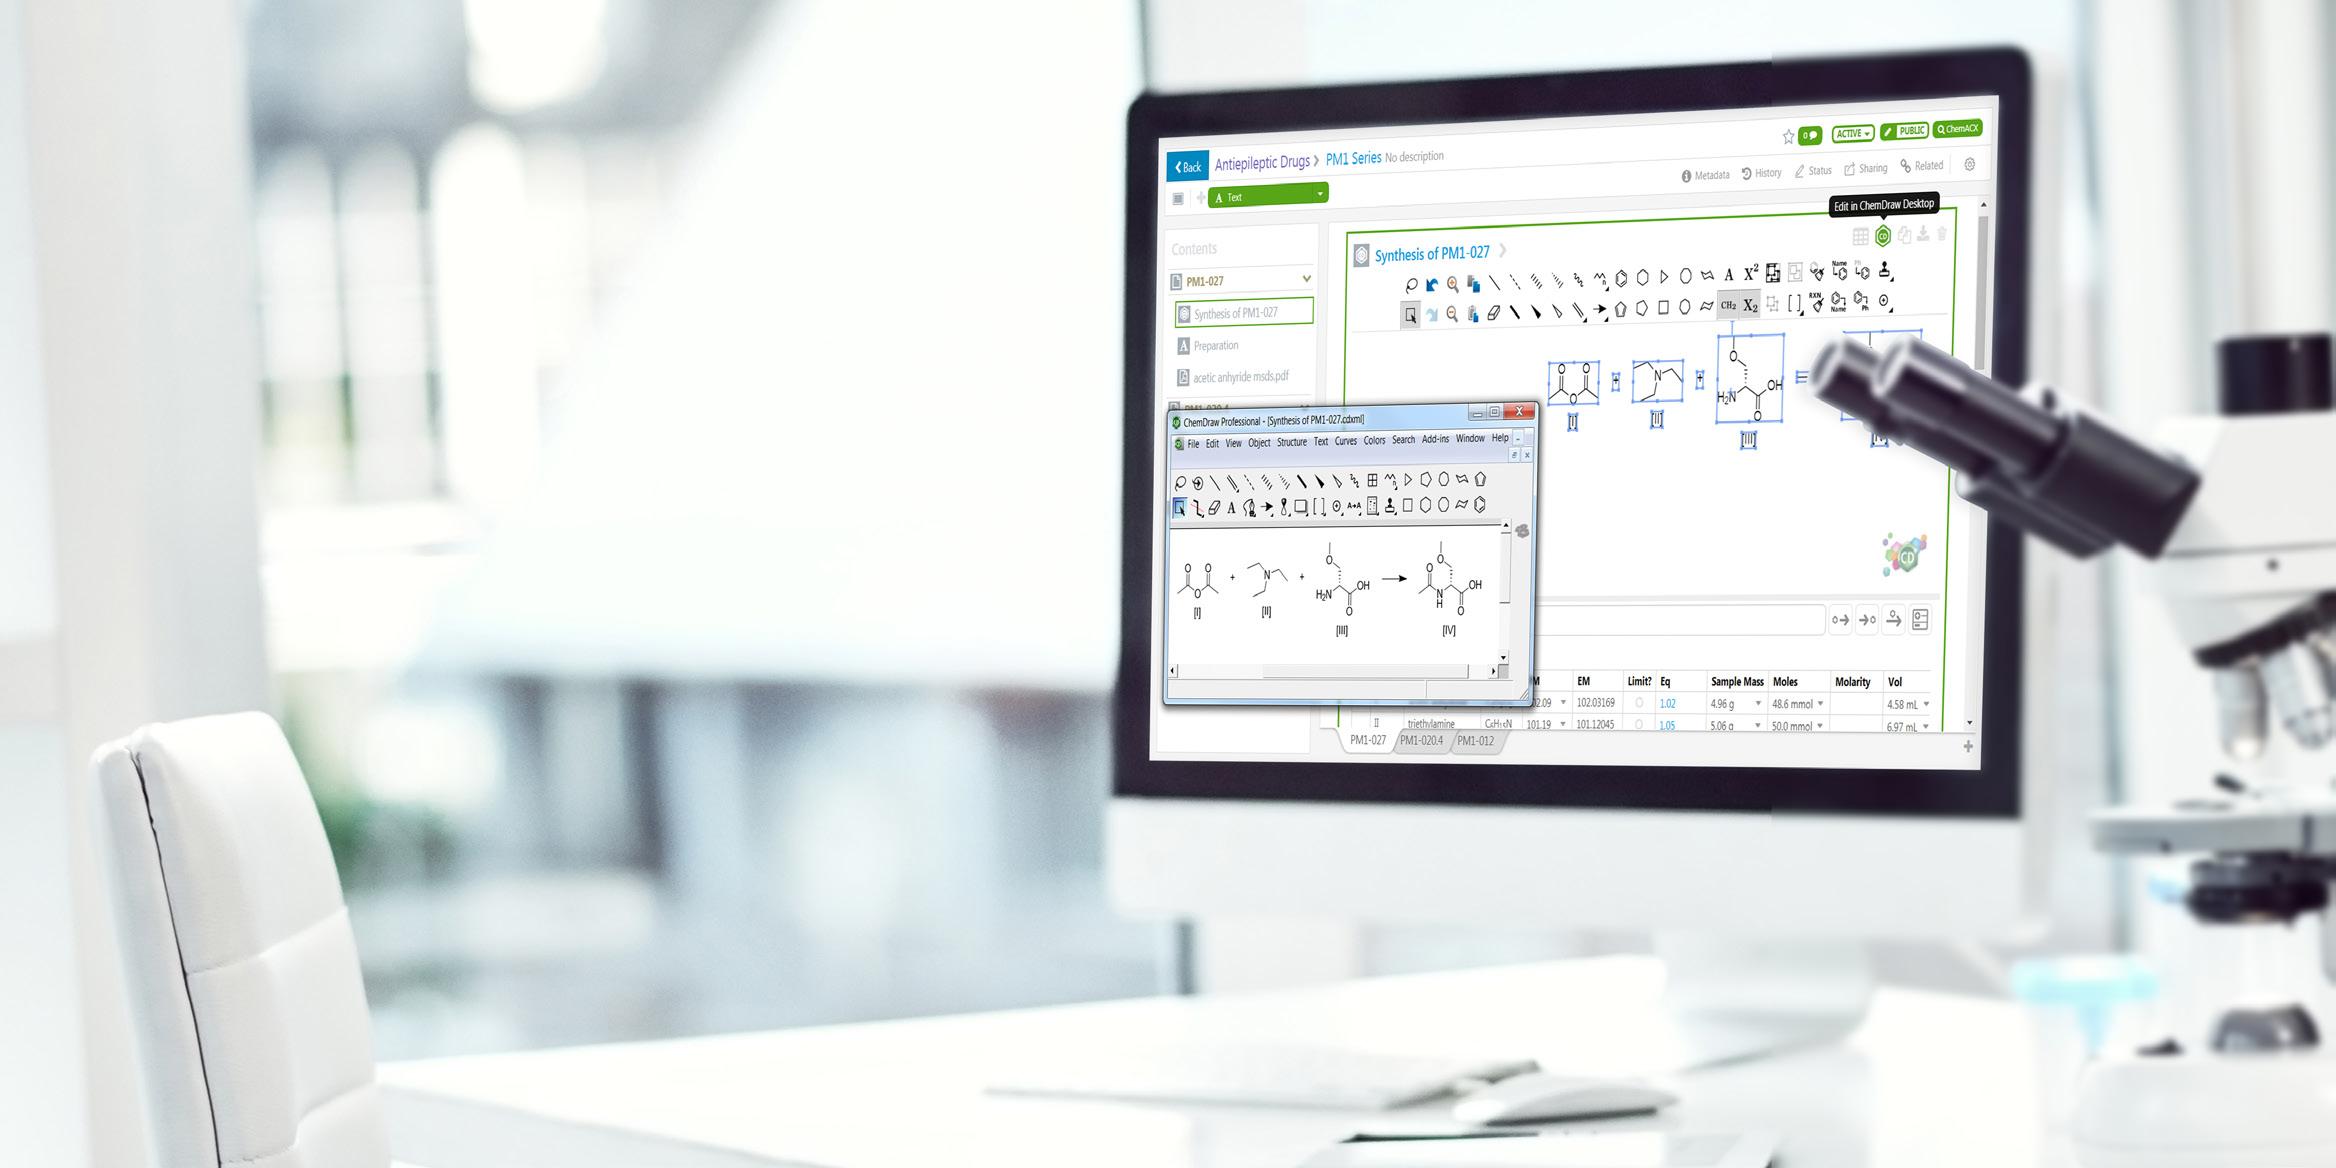 Conozca los beneficios de la unión de ChemDraw con Signals Notebook